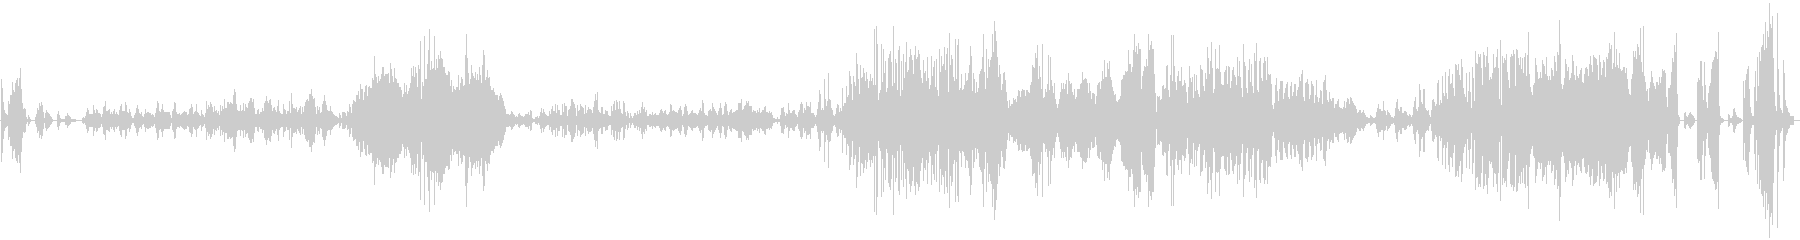 ショパン バラード第1番ト短調の未再生の波形